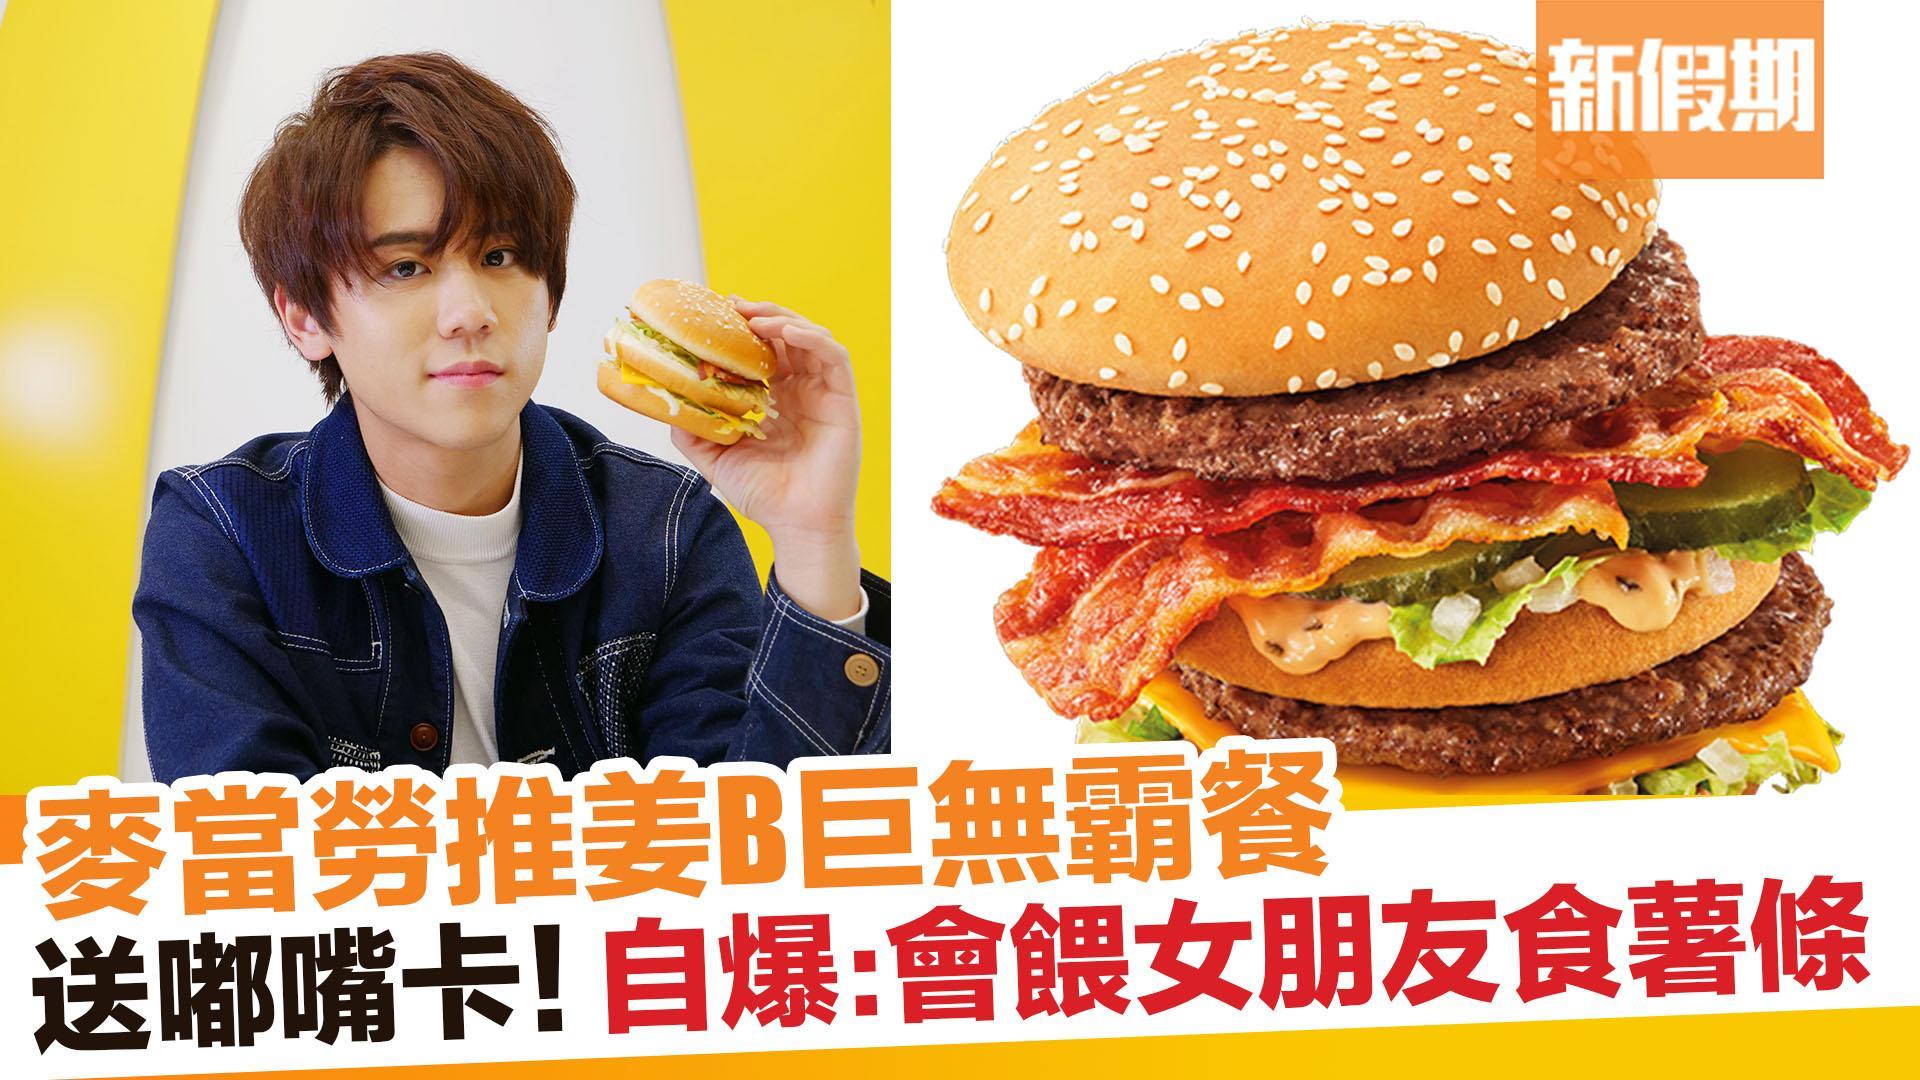 【新品速遞】麥當勞出「姜B餐」!孖姜濤推Big Mac Bacon煙肉巨無霸 新假期